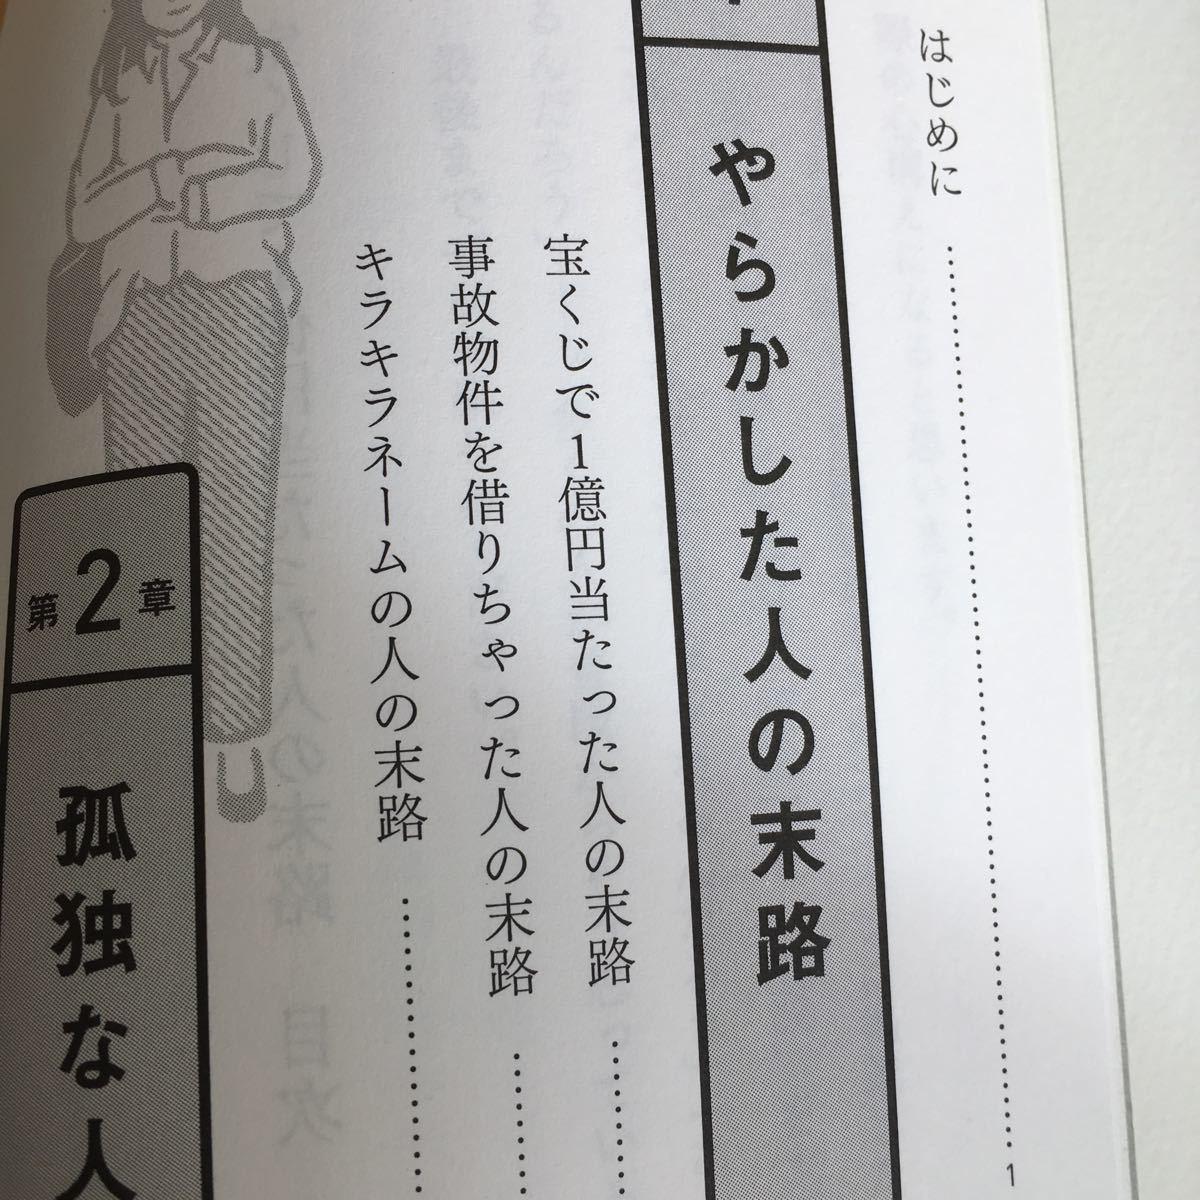 宝くじで1億円当たった人の末路 鈴木信行 中古 状態普通_画像4